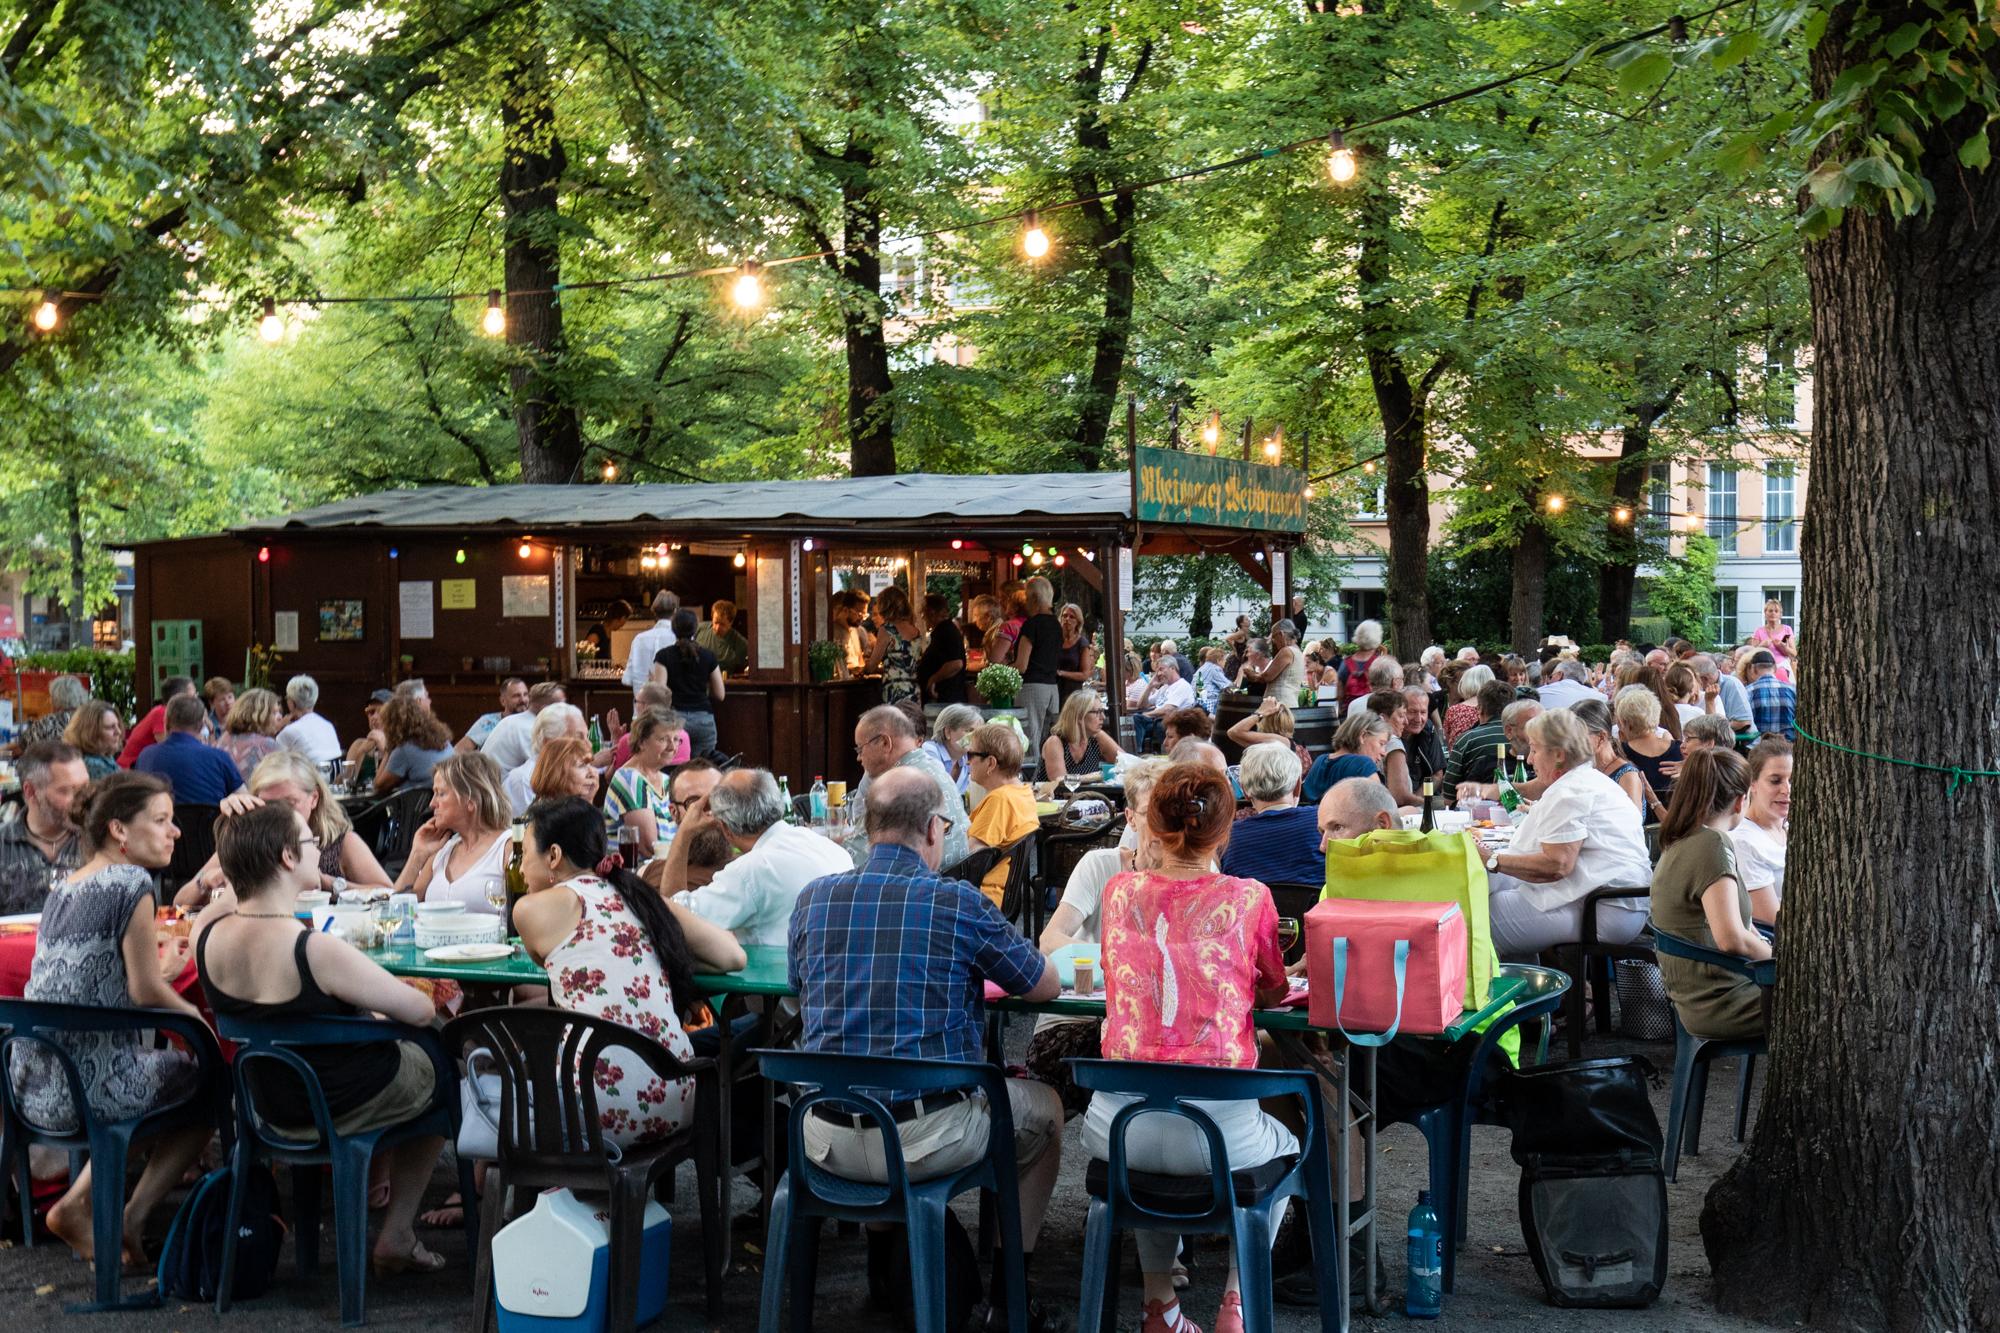 Gäste geniessen ein Picknick am Rheingauer Weinbrunnen - eine Holzhütte, die Weine aus dem Rheingau-Taunus in Hessen am Rüdesheimer Platz in Berlin Wilmersdorf serviert